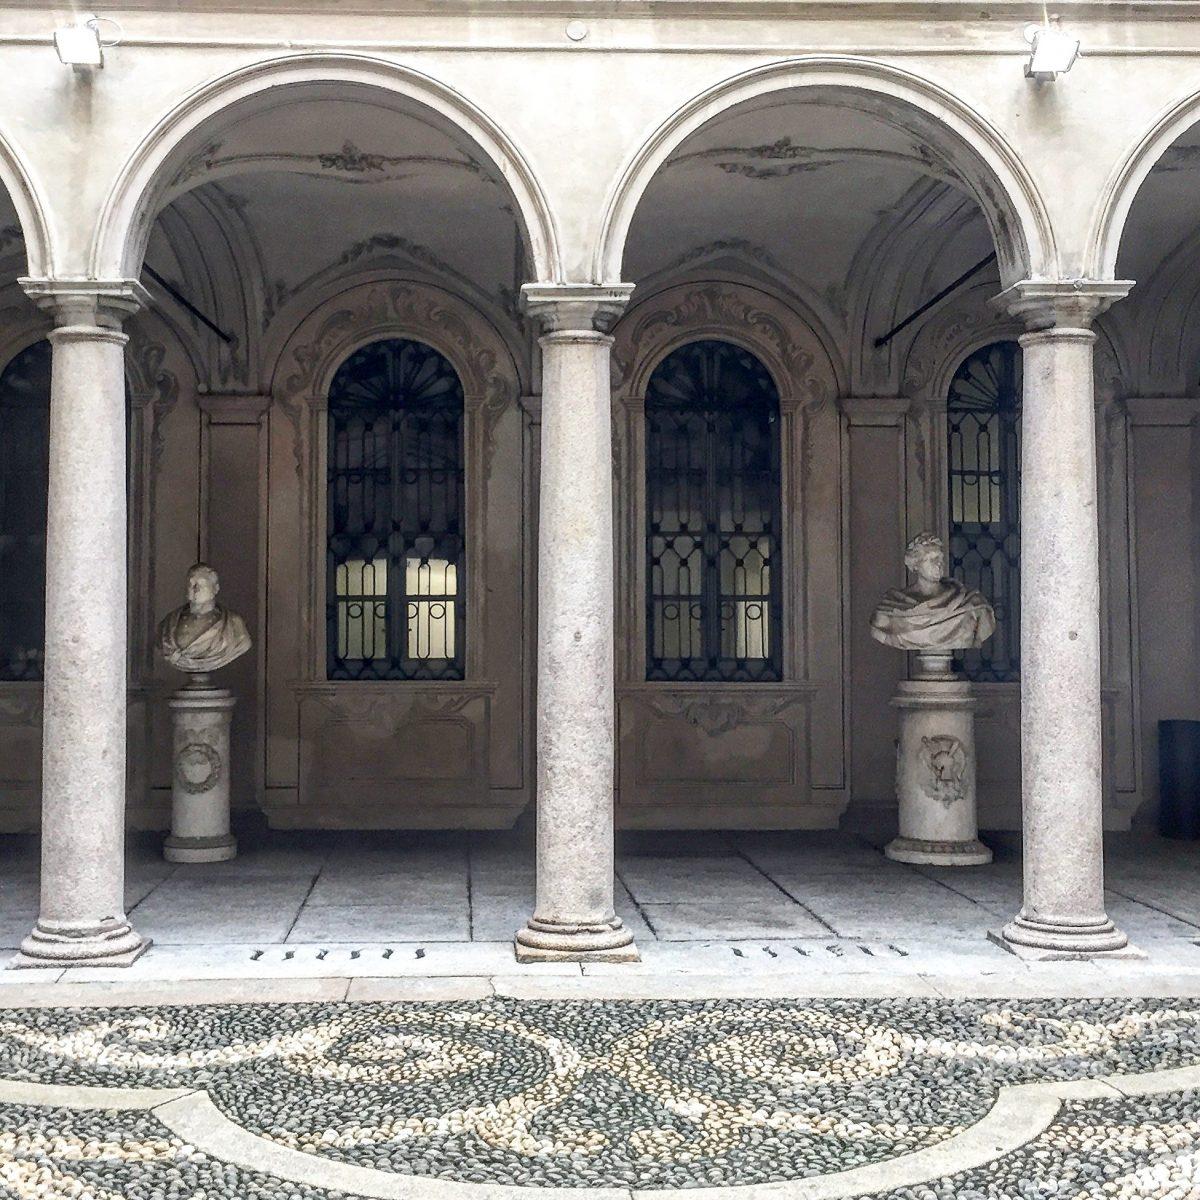 13 mostre da vedere a milano a dicembre megliounpostobello for Palazzo morando